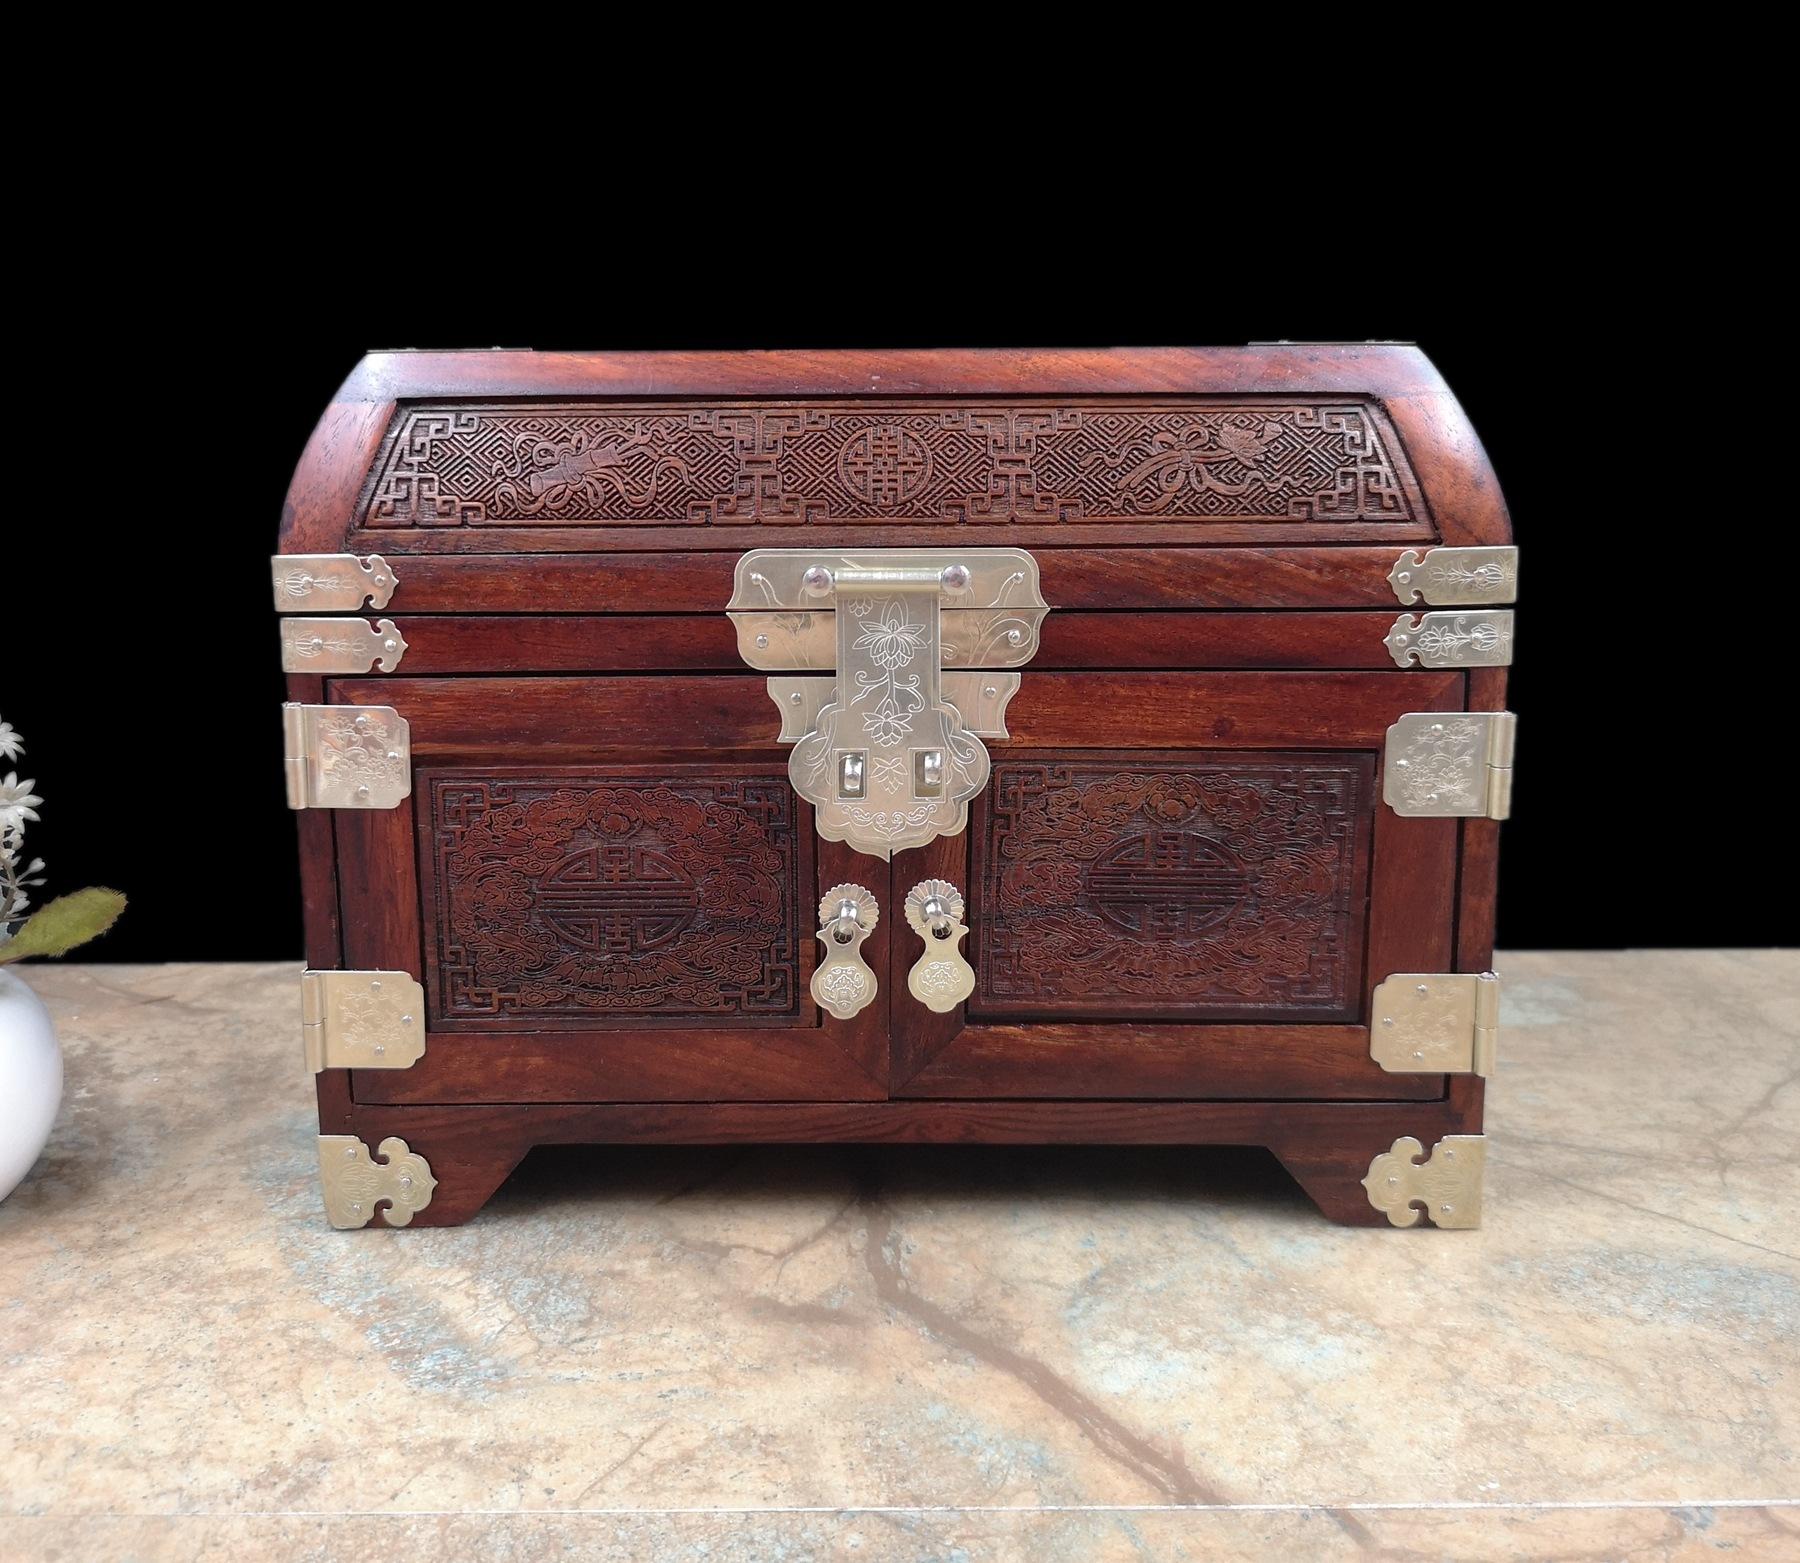 老挝大红酸枝化妆盒嫦娥奔月红木首饰盒批发定制展销会热卖货源